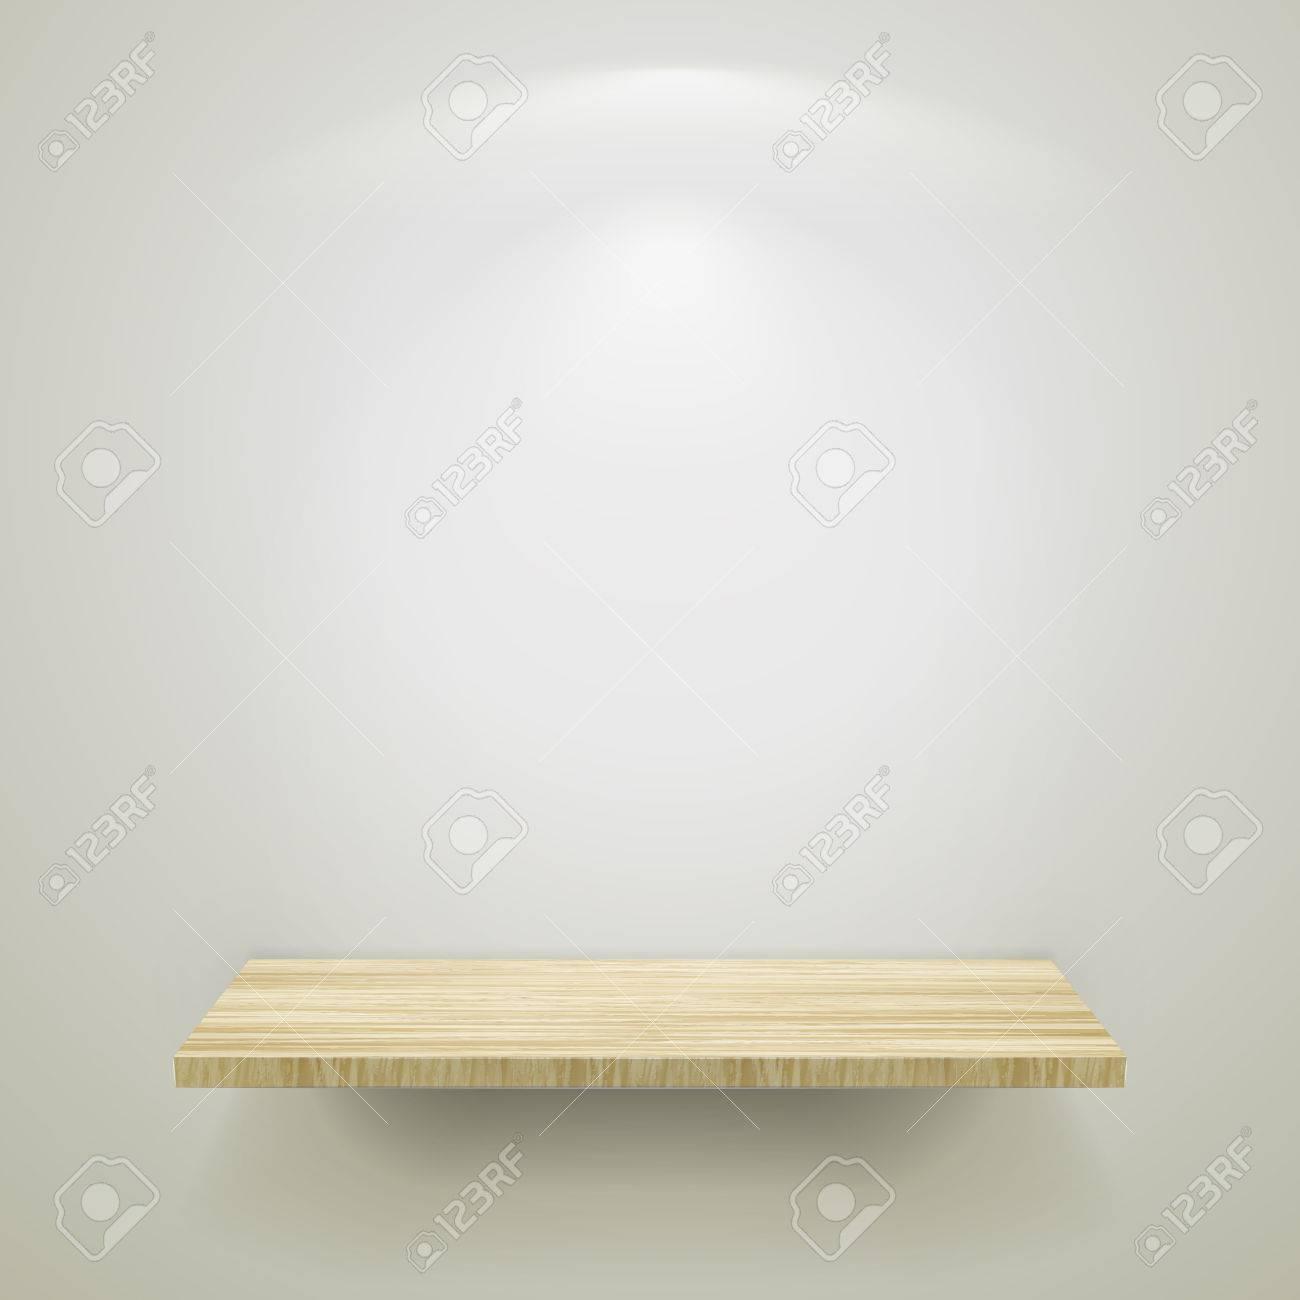 bois lumière exposition pour d'une Vide une douce en étagère J3Fcl51uTK